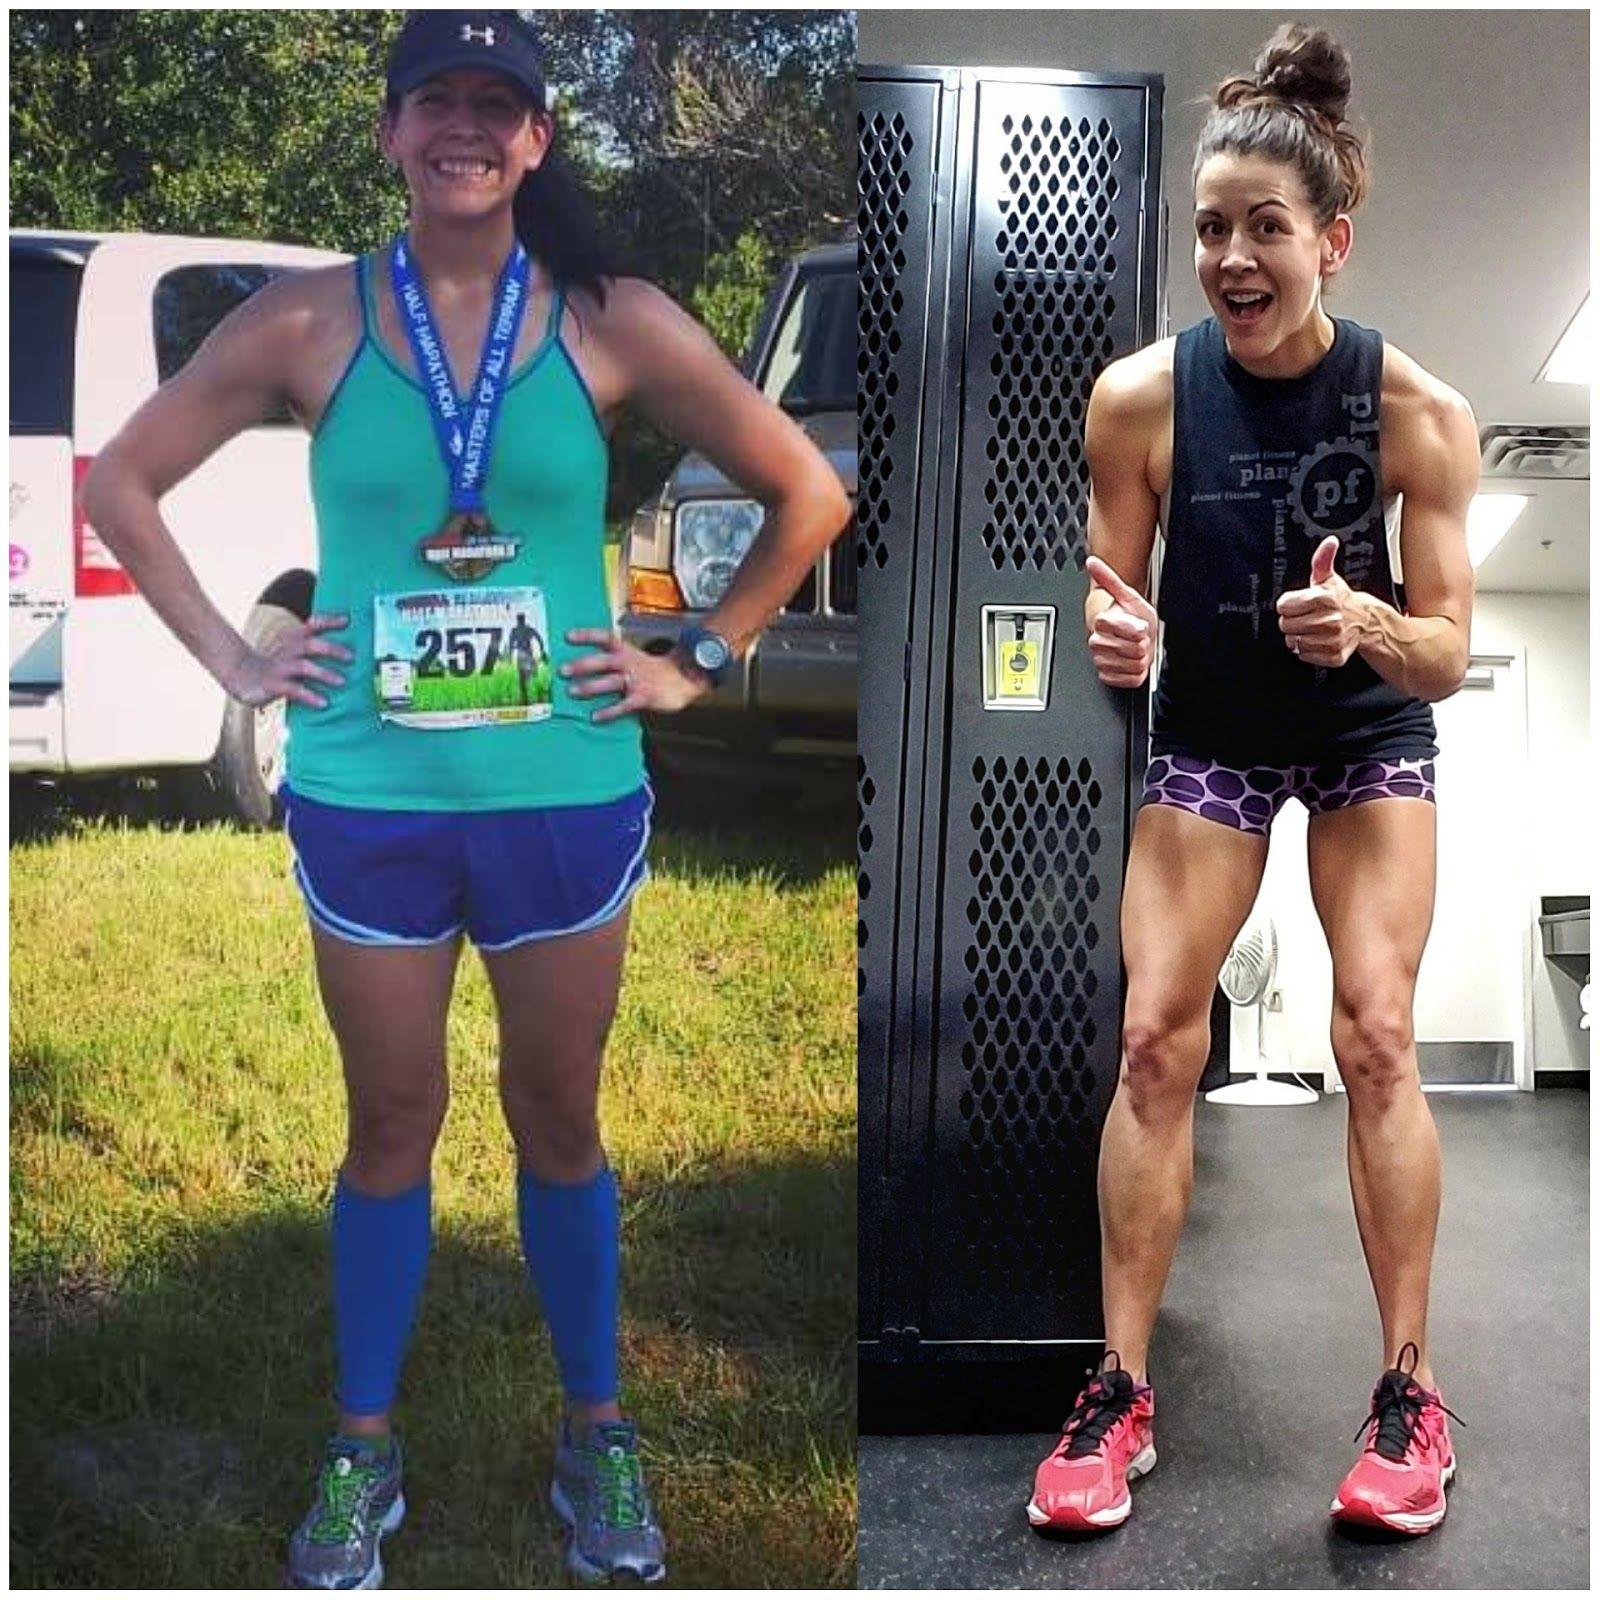 Полезен ли бег при наборе мышечной массы